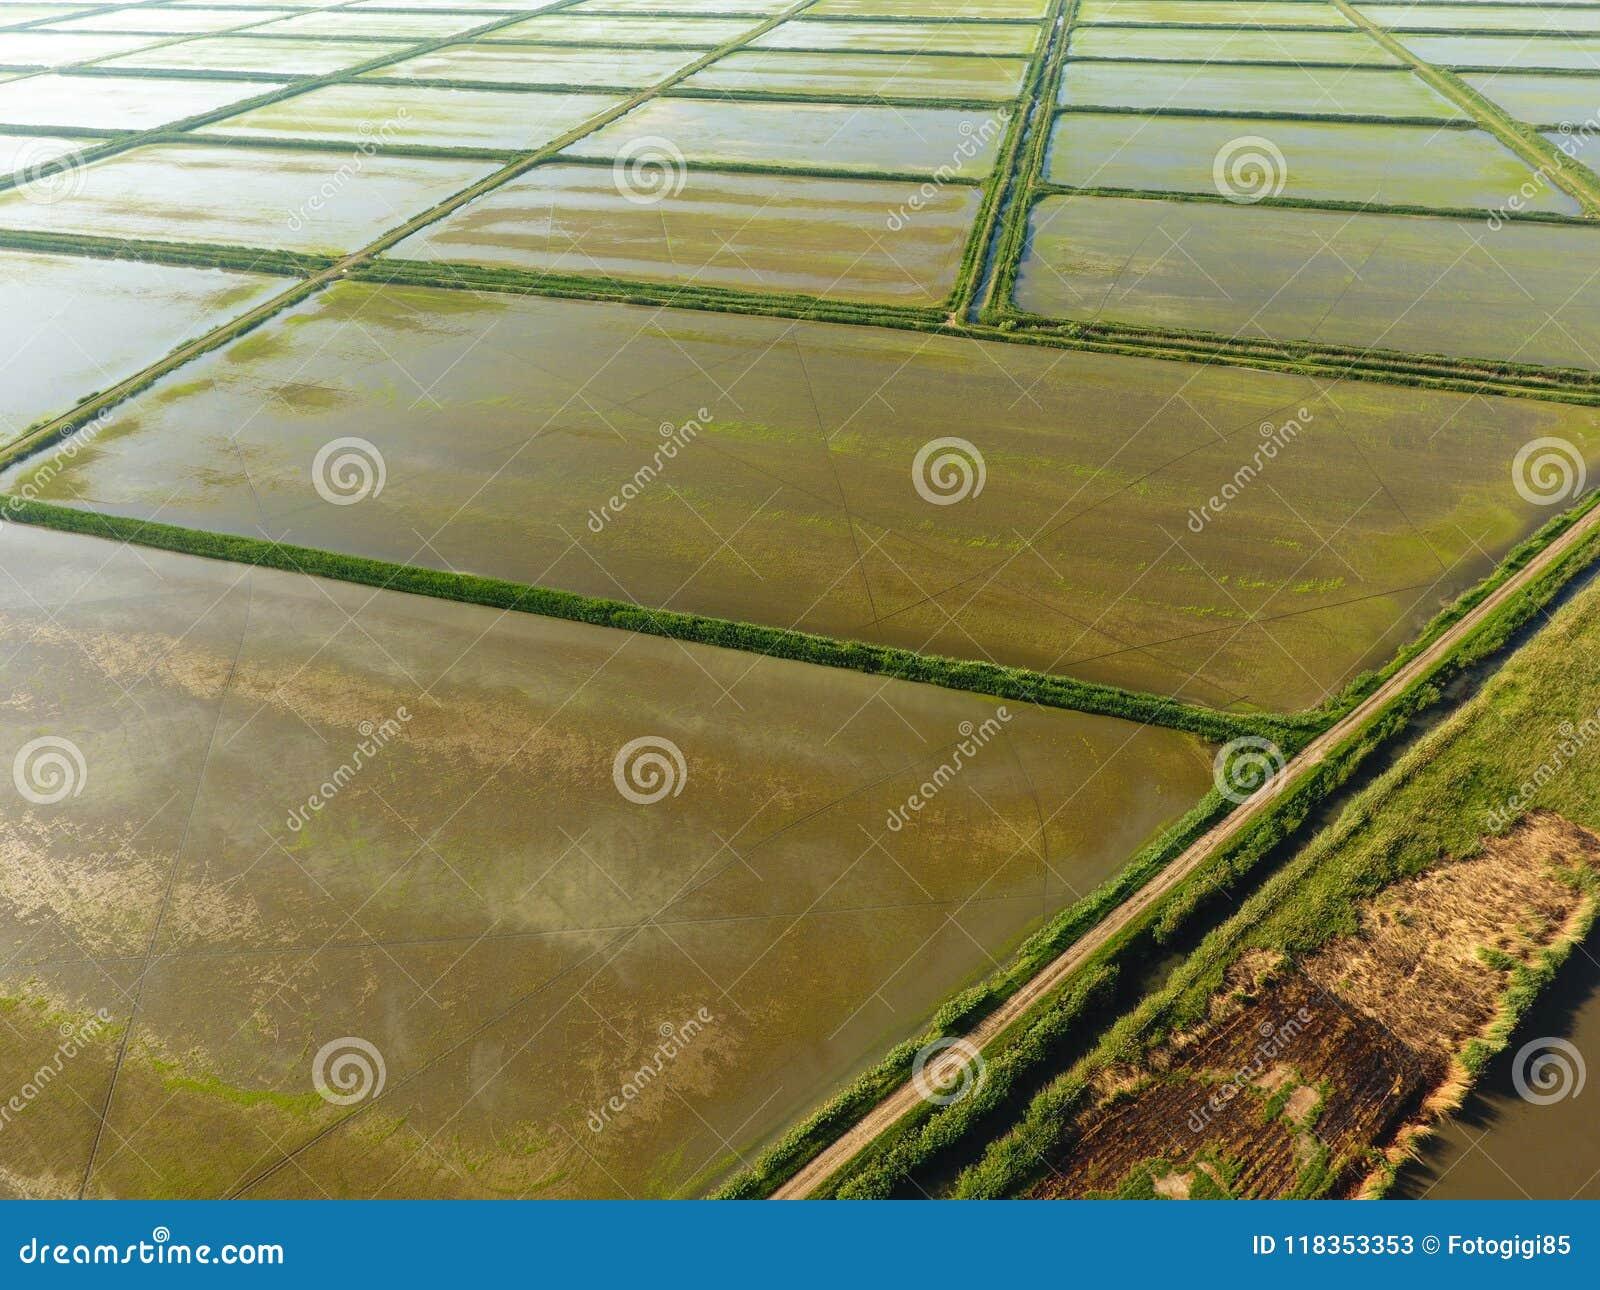 Los campos del arroz se inundan con agua Arroces de arroz inundados Métodos agronómicos de producir el arroz en los campos